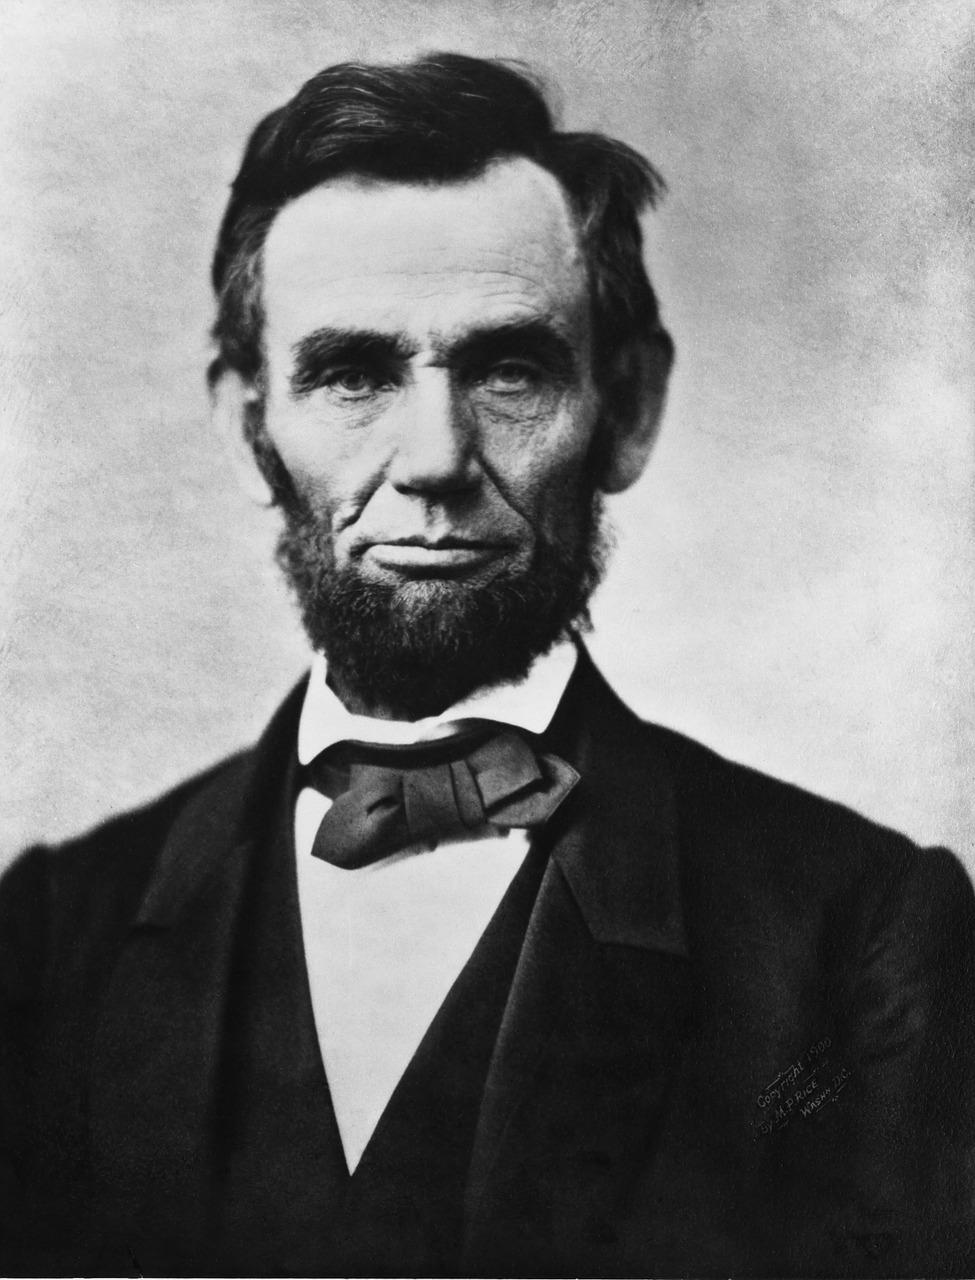 リンカーン,大統領,ドッペルゲンガー